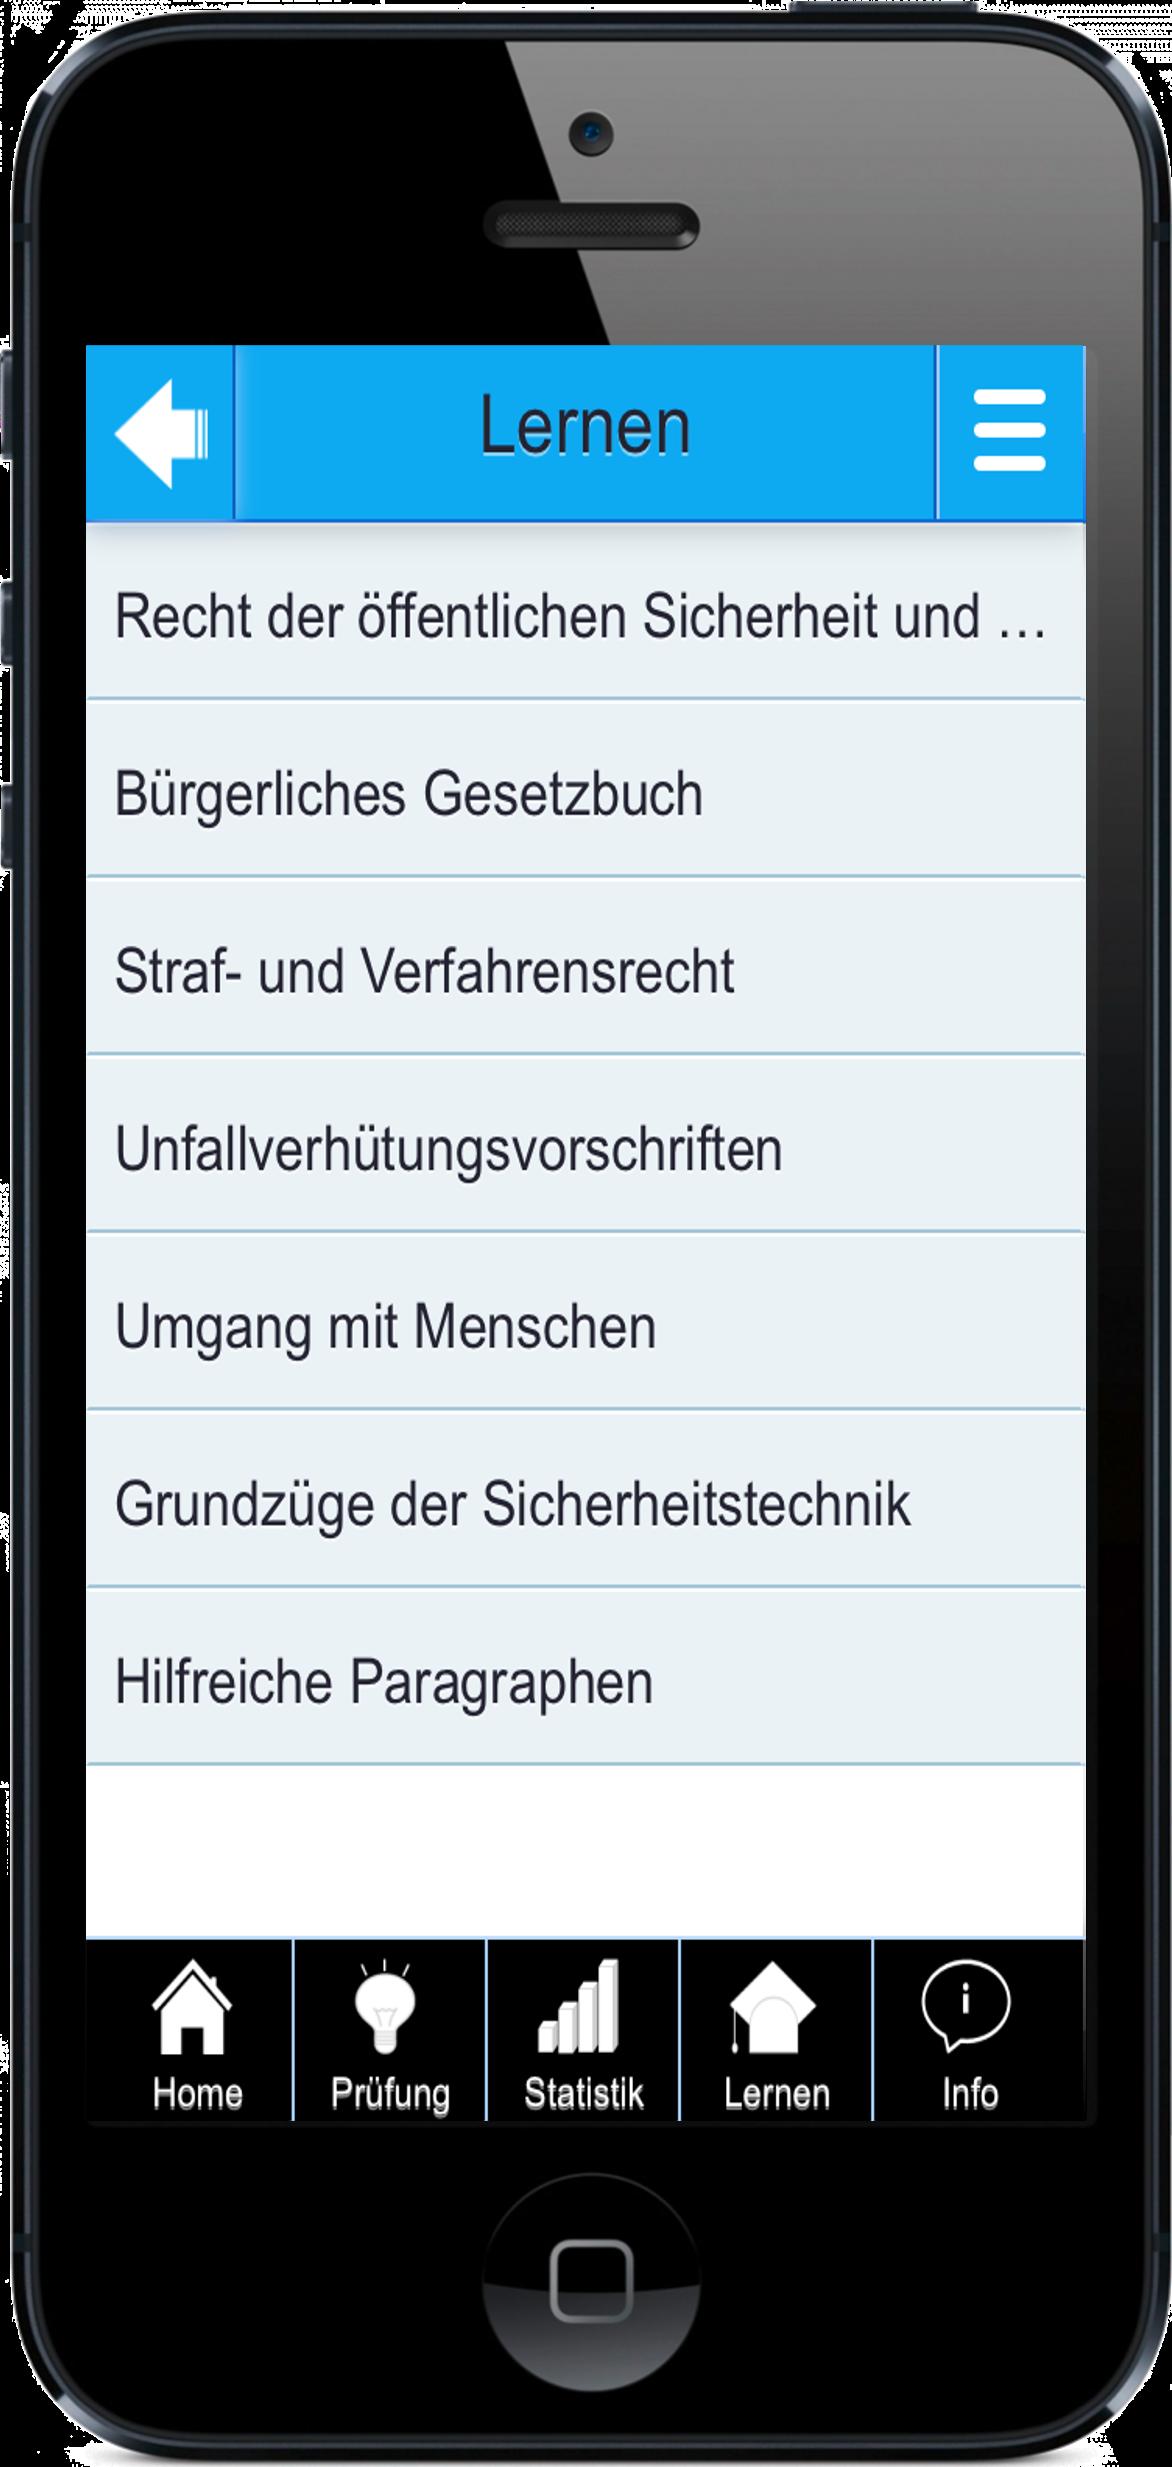 iPhone schwarz_lernen